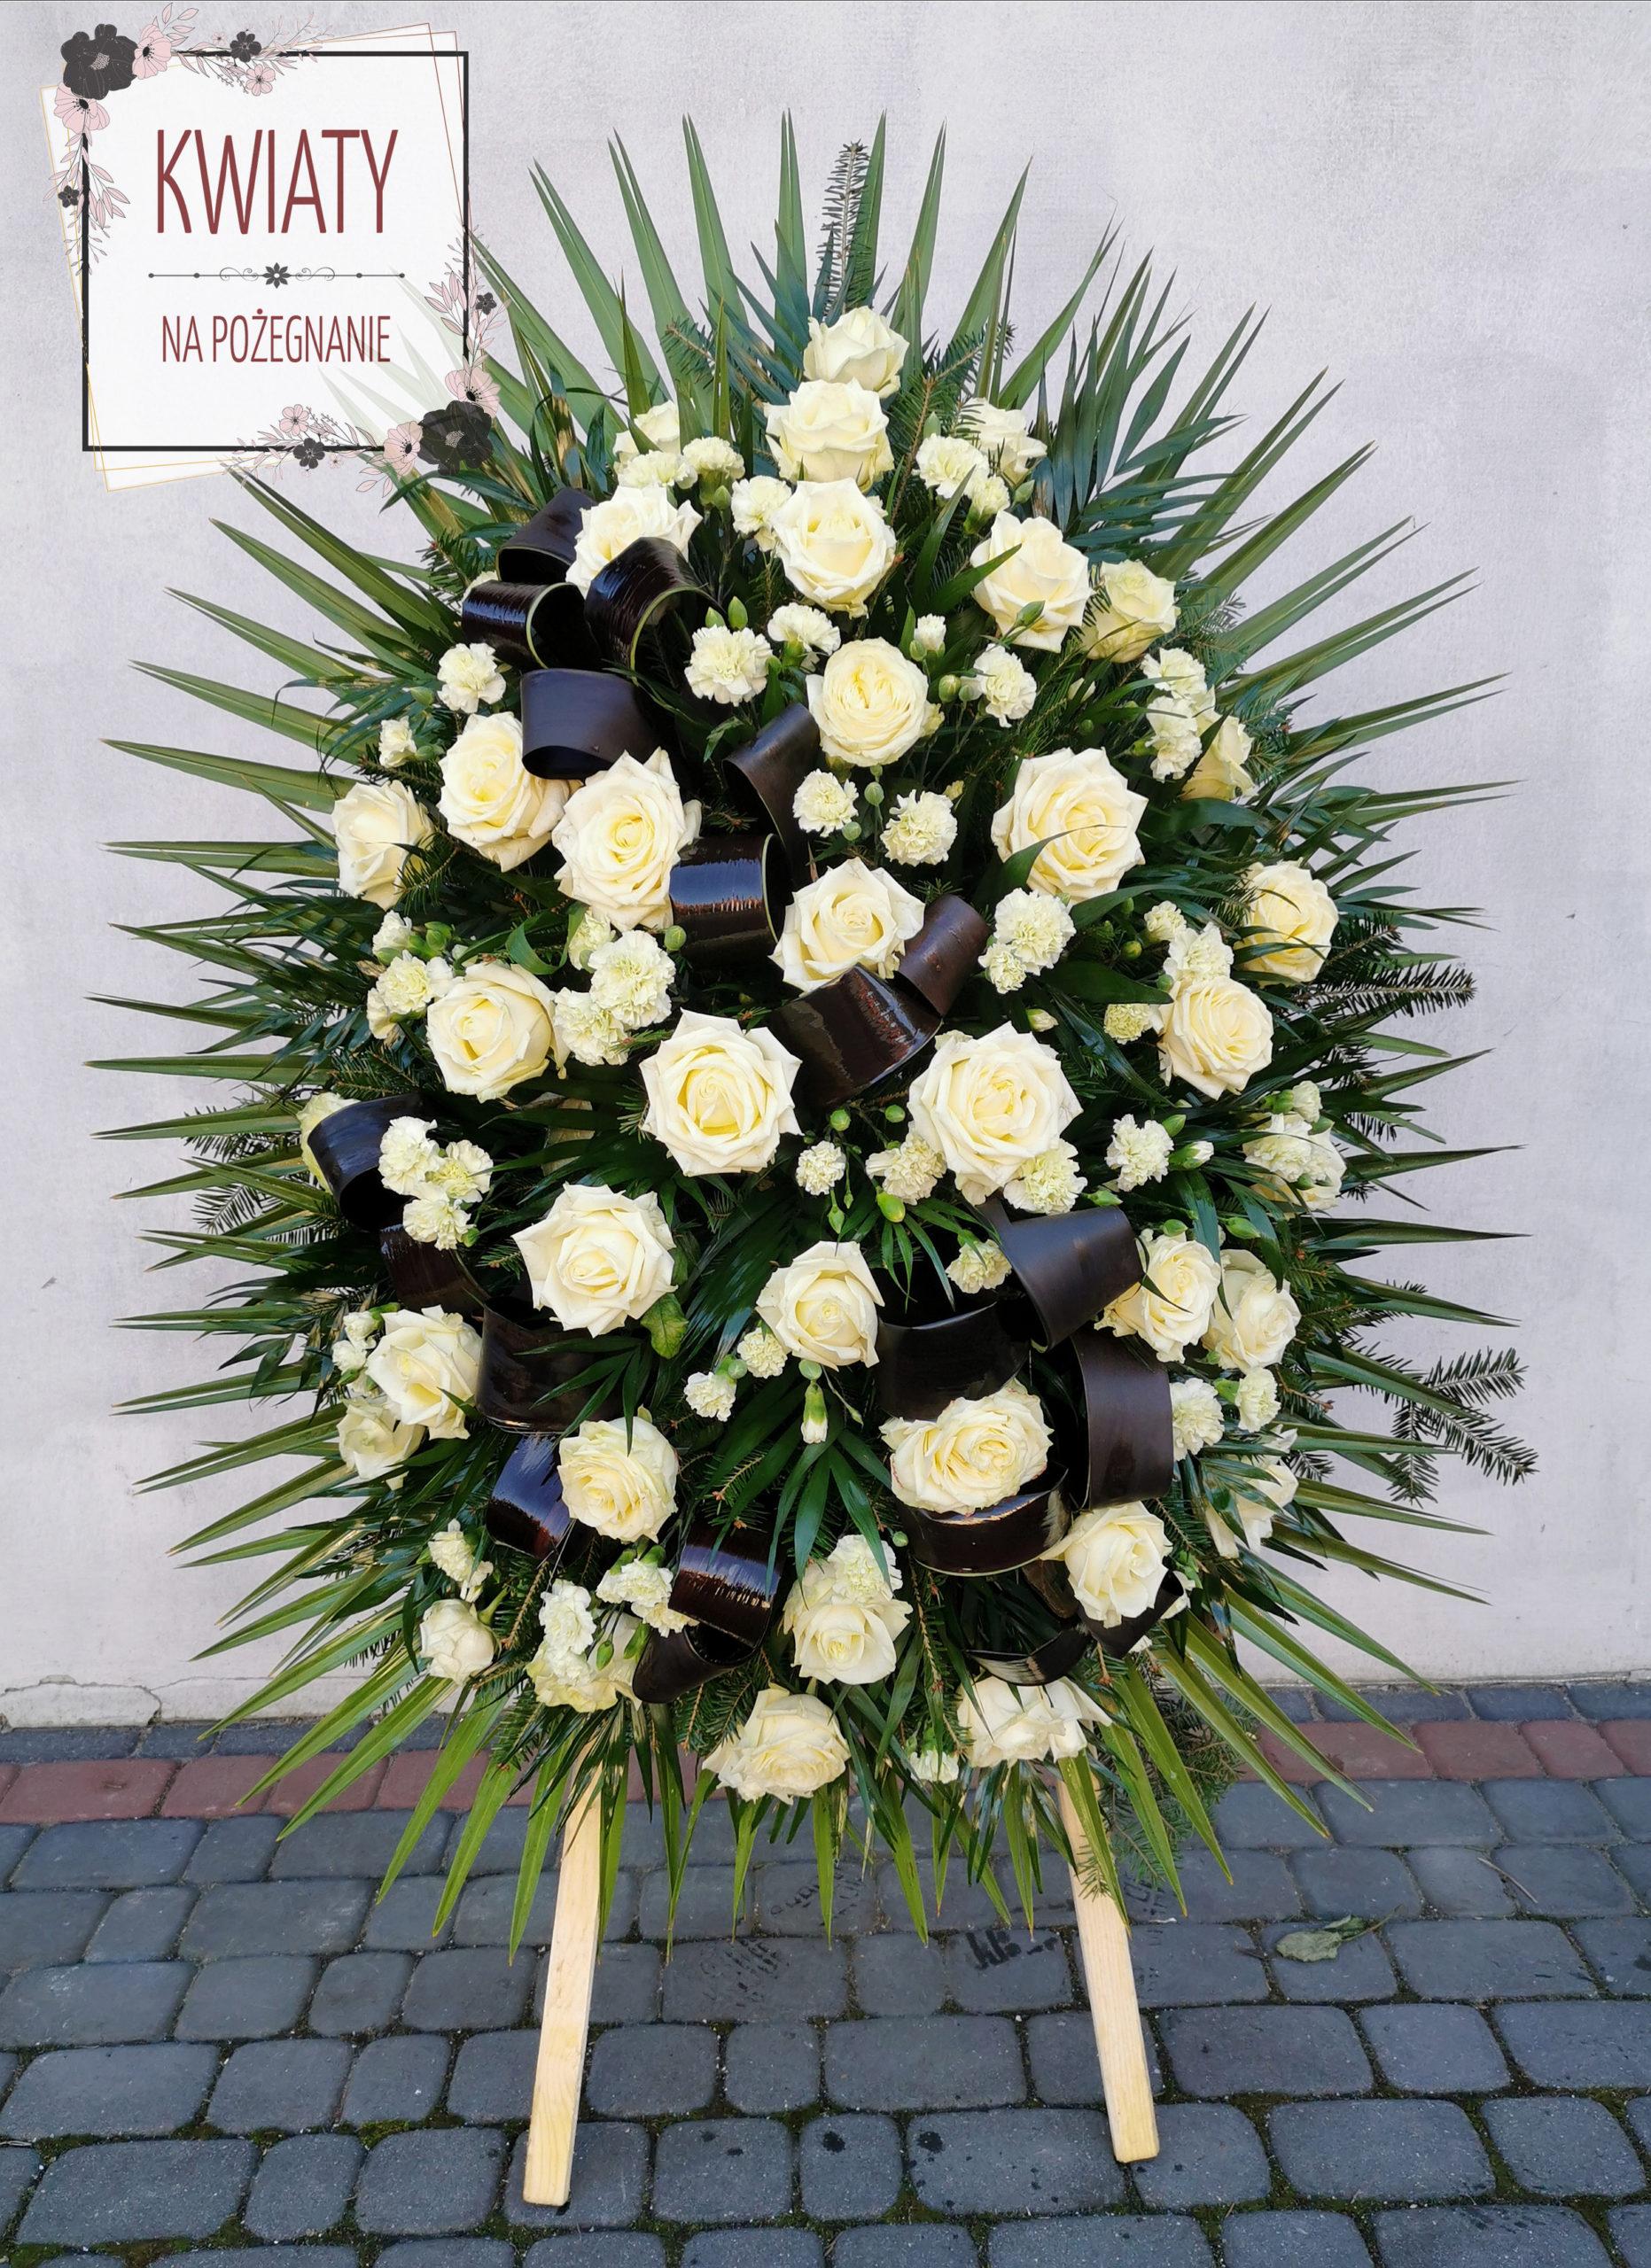 Wieniec Pogrzebowy Nr 27 Kwiaty Na Pozegnanie